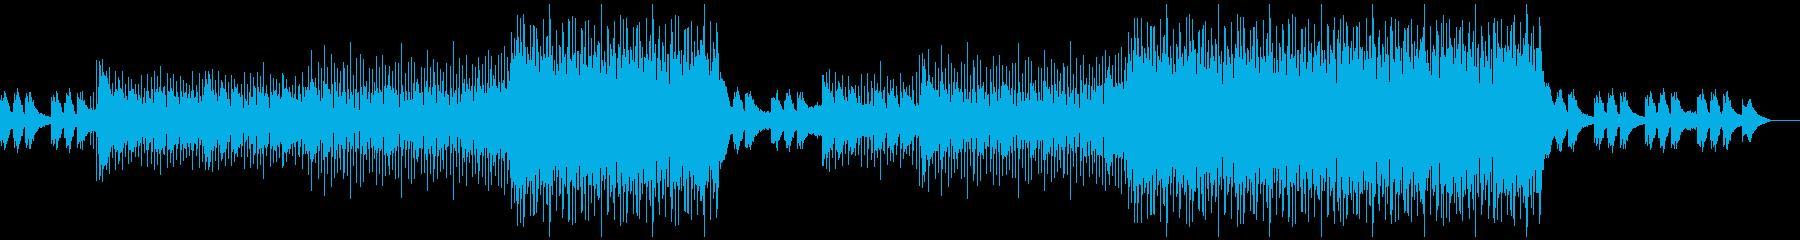 洋楽ポップス2(No Vocal)の再生済みの波形